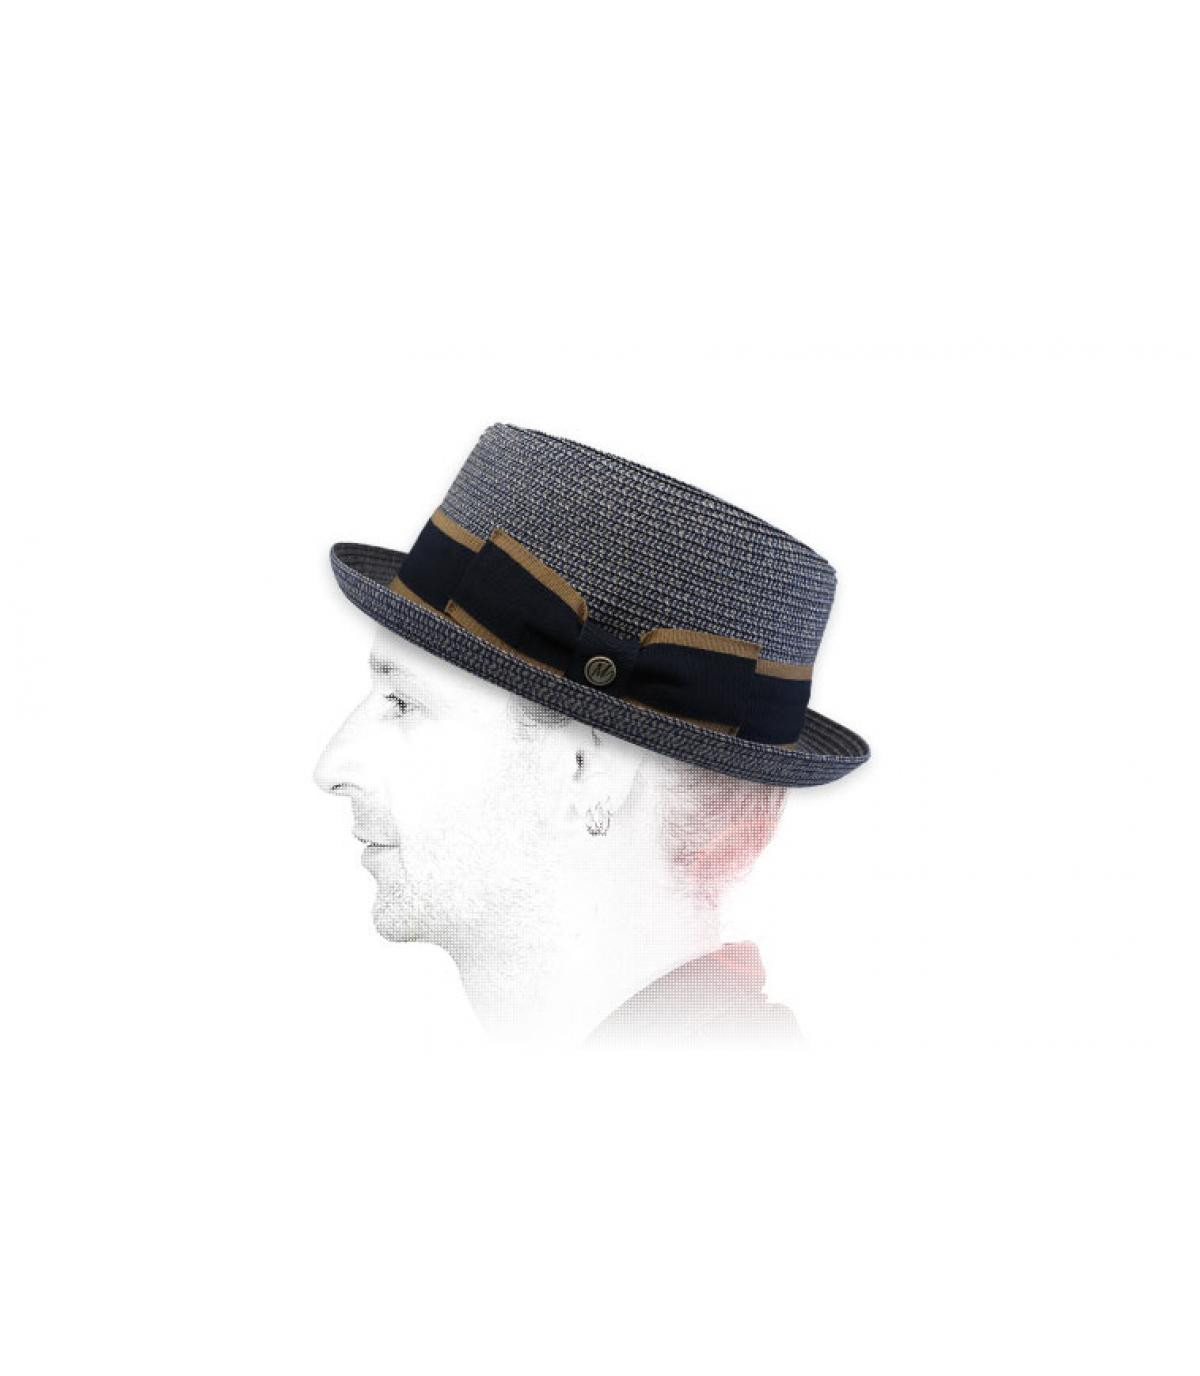 Mode Hommes Headict Chapeaux Chapeau HommeMagasin Pour qVzUMSpG